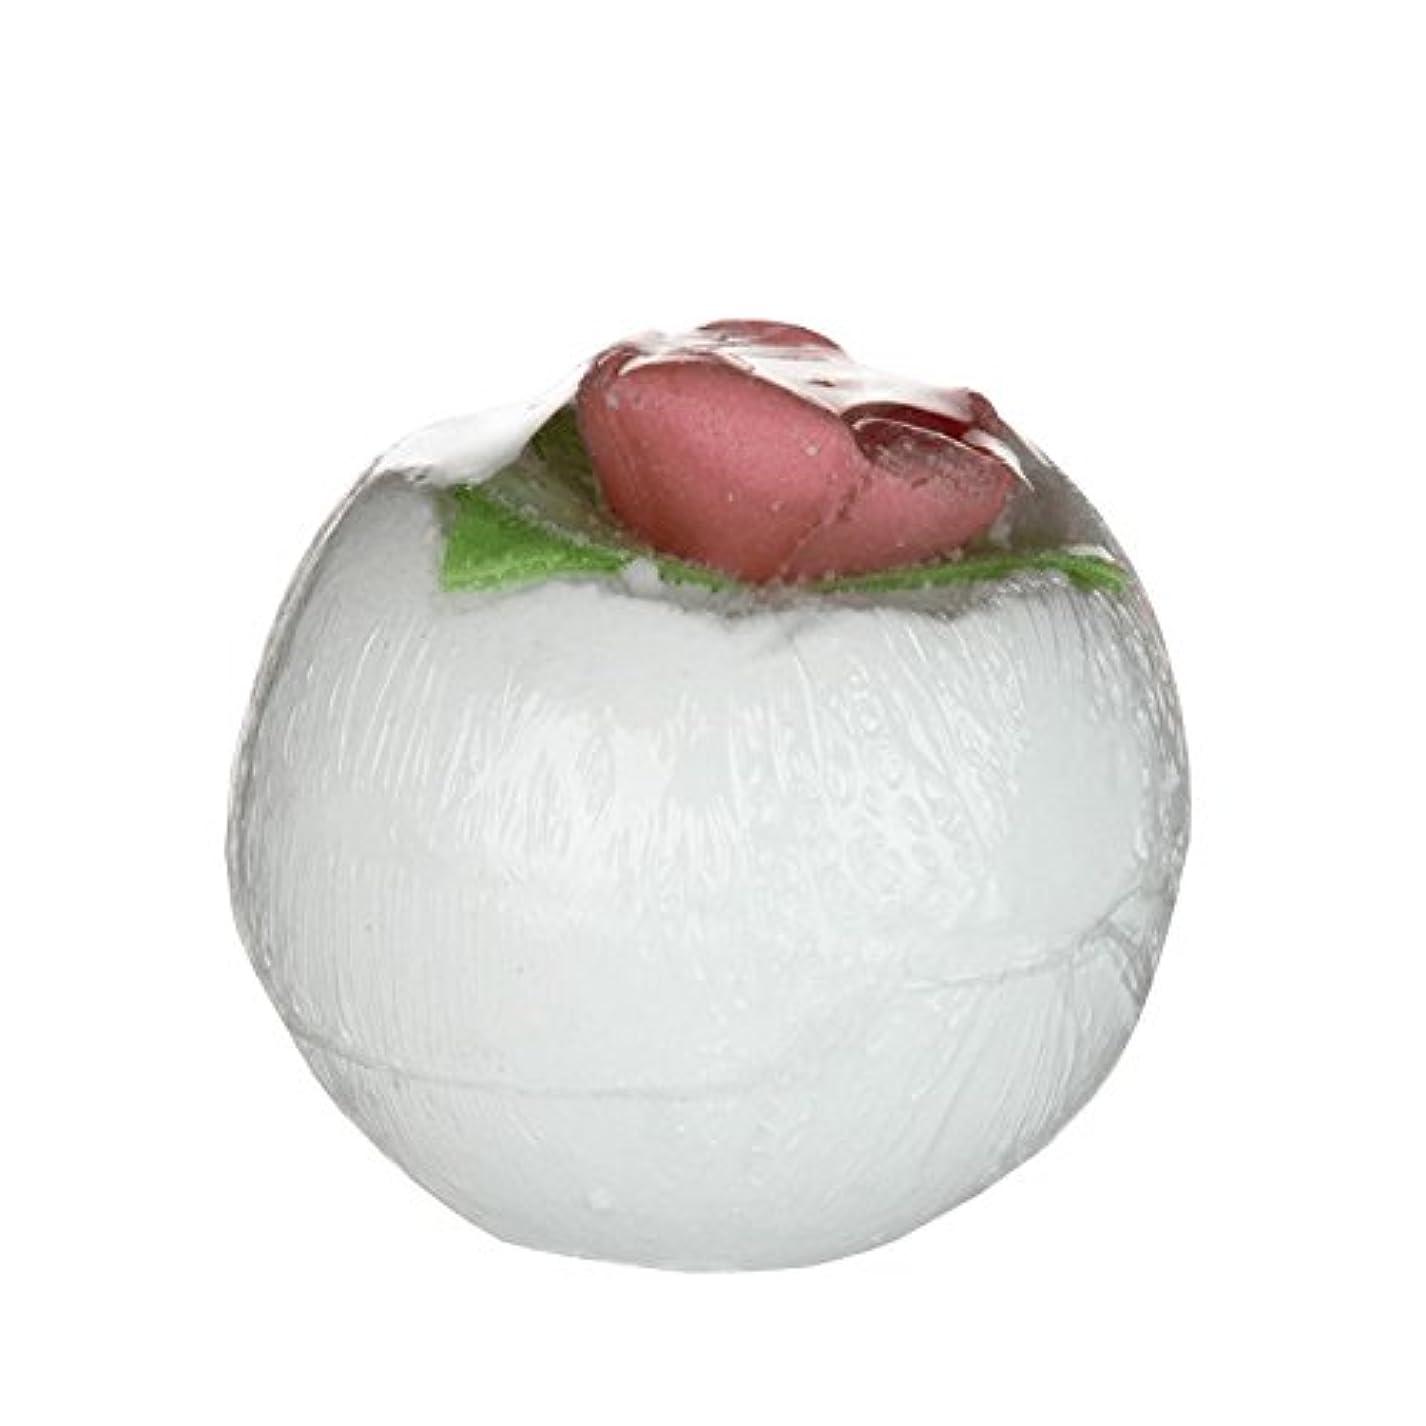 癒す情緒的寛容なTreetsバスボール最愛の花170グラム - Treets Bath Ball Darling Flower 170g (Treets) [並行輸入品]